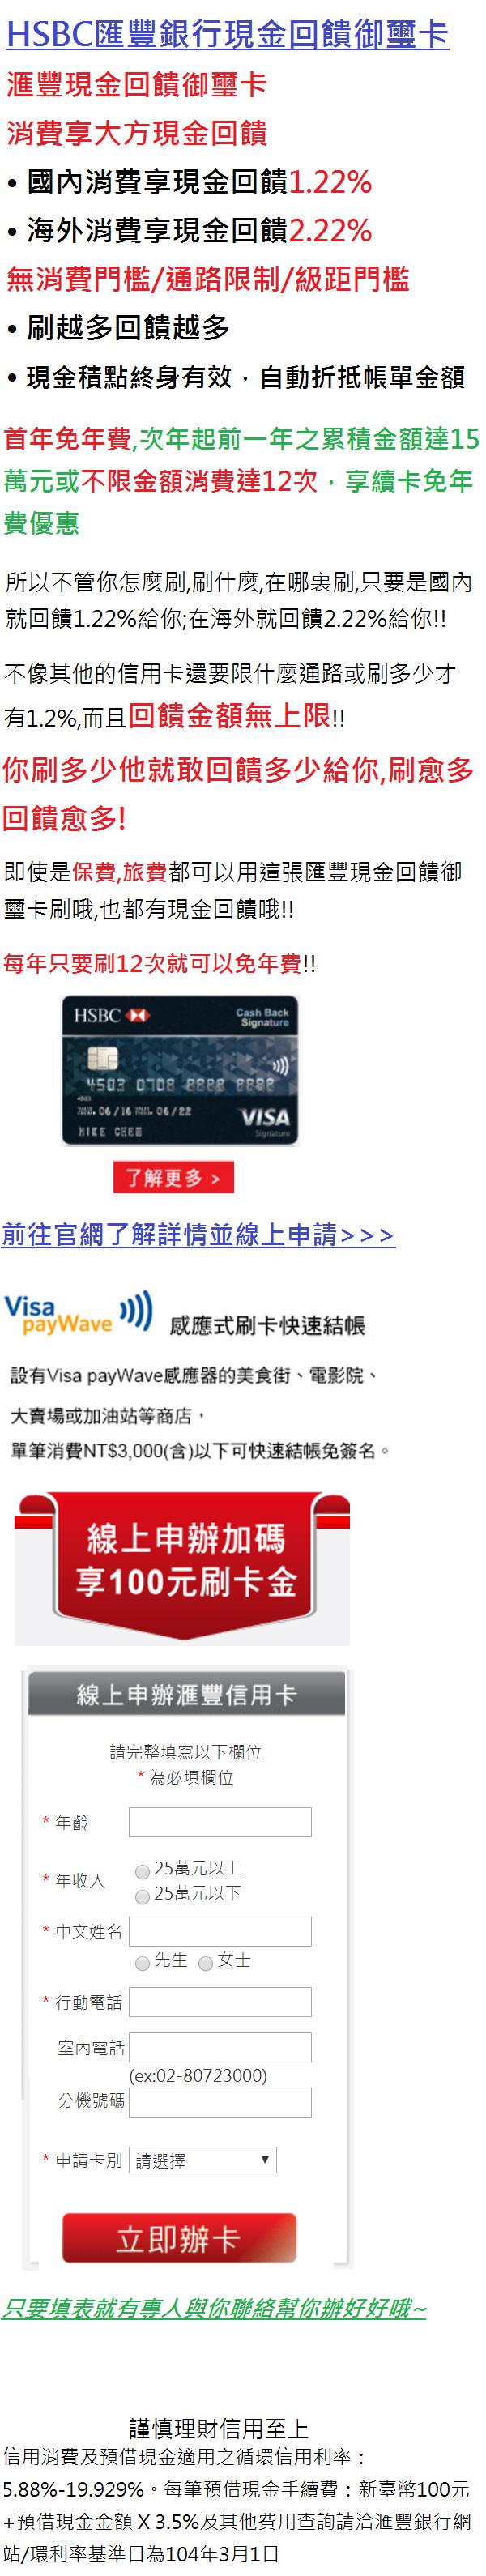 匯豐現金回饋卡20170930.png